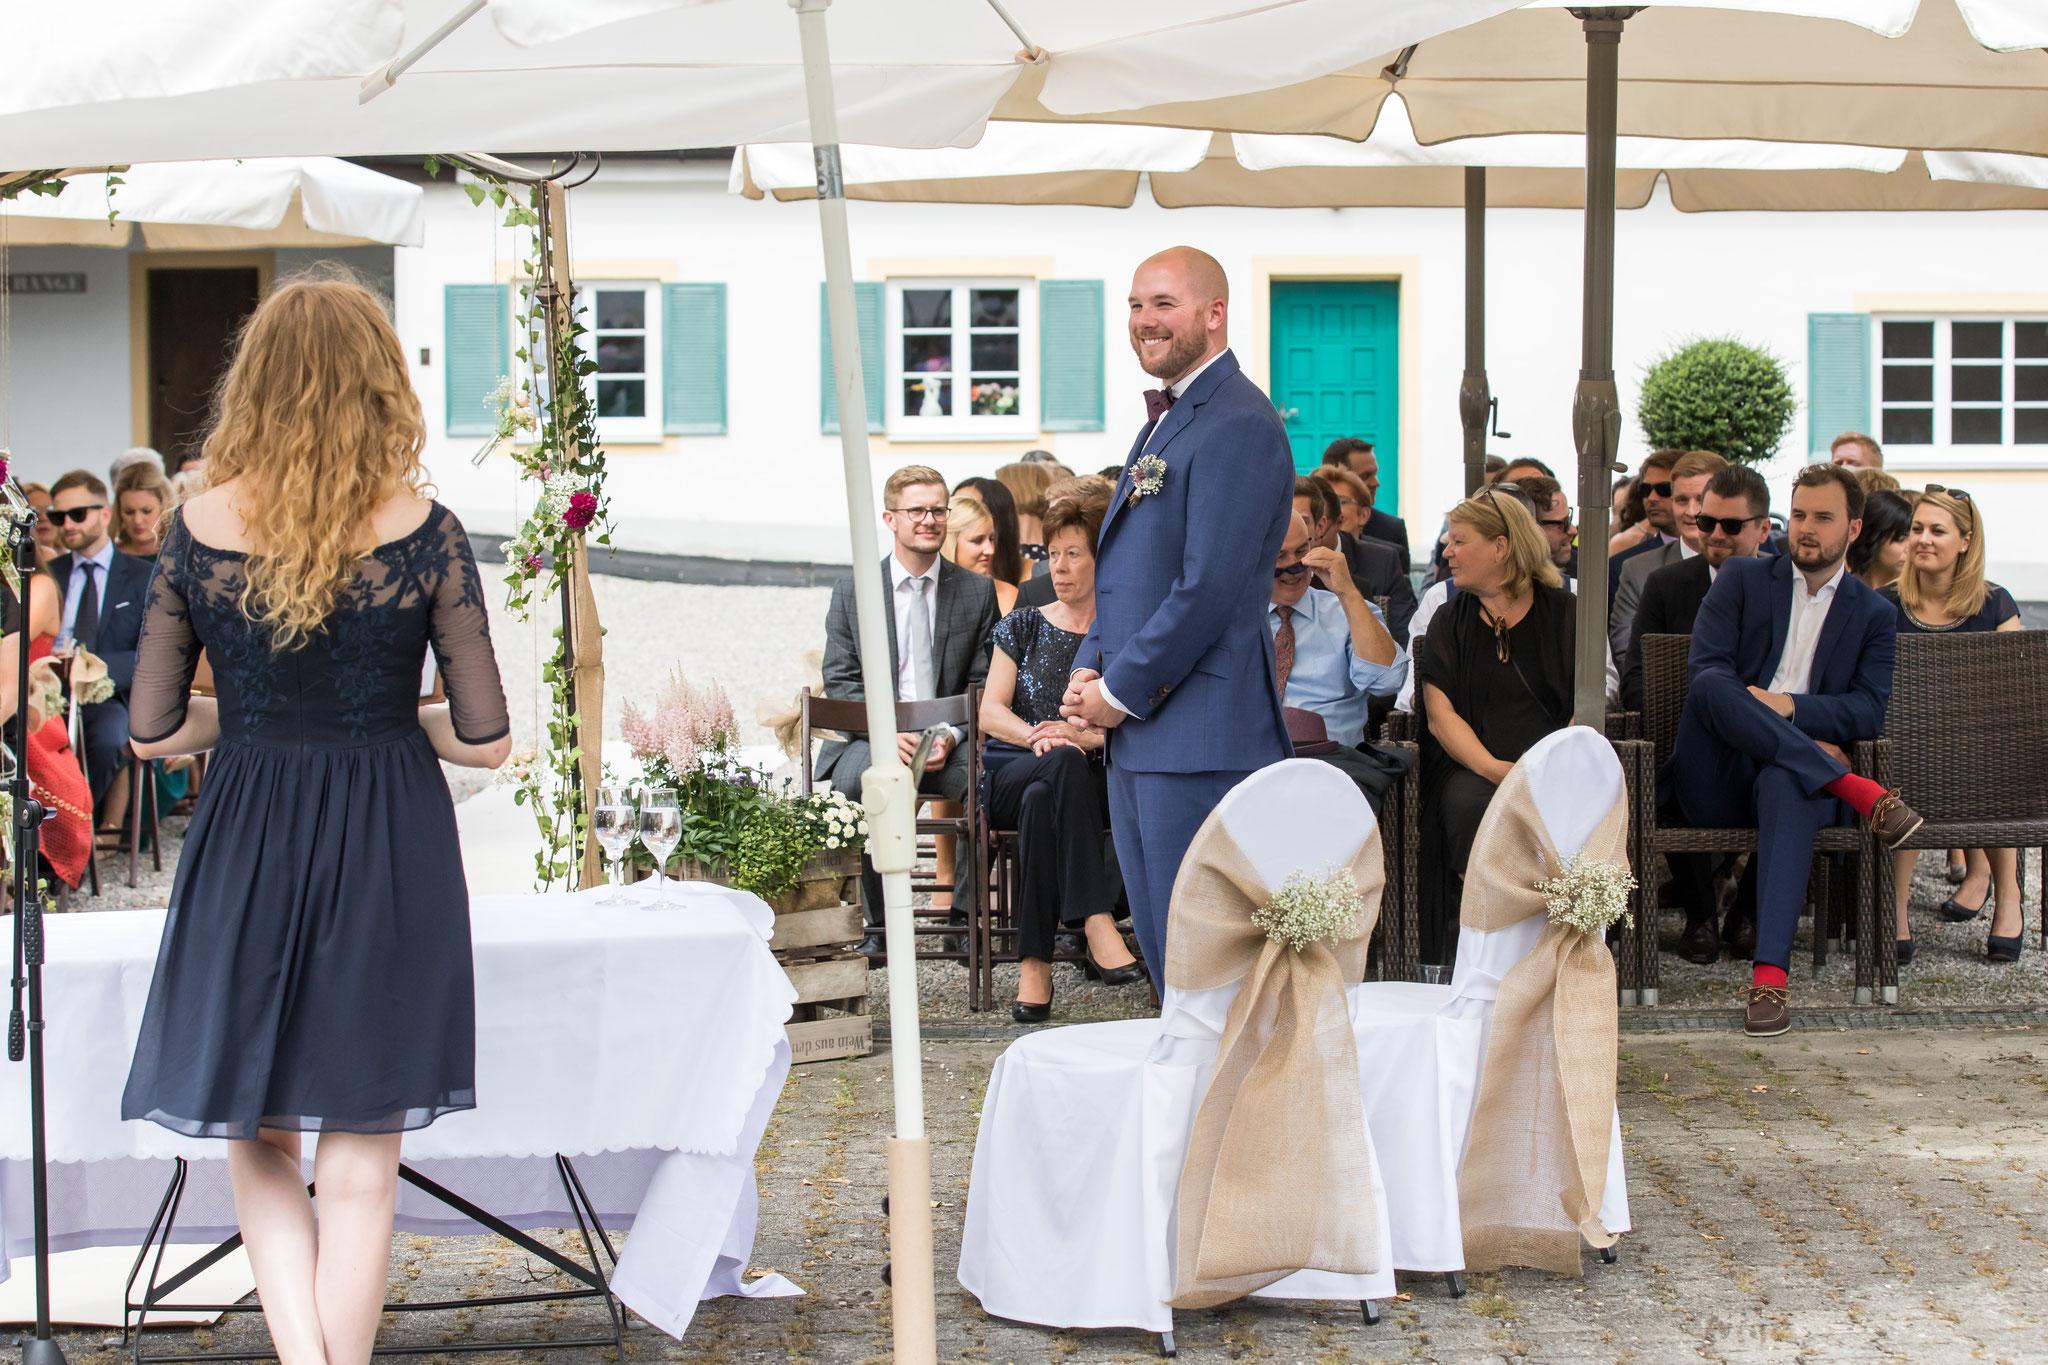 Wir warten auf die Braut! (Foto: Robert Klinger)